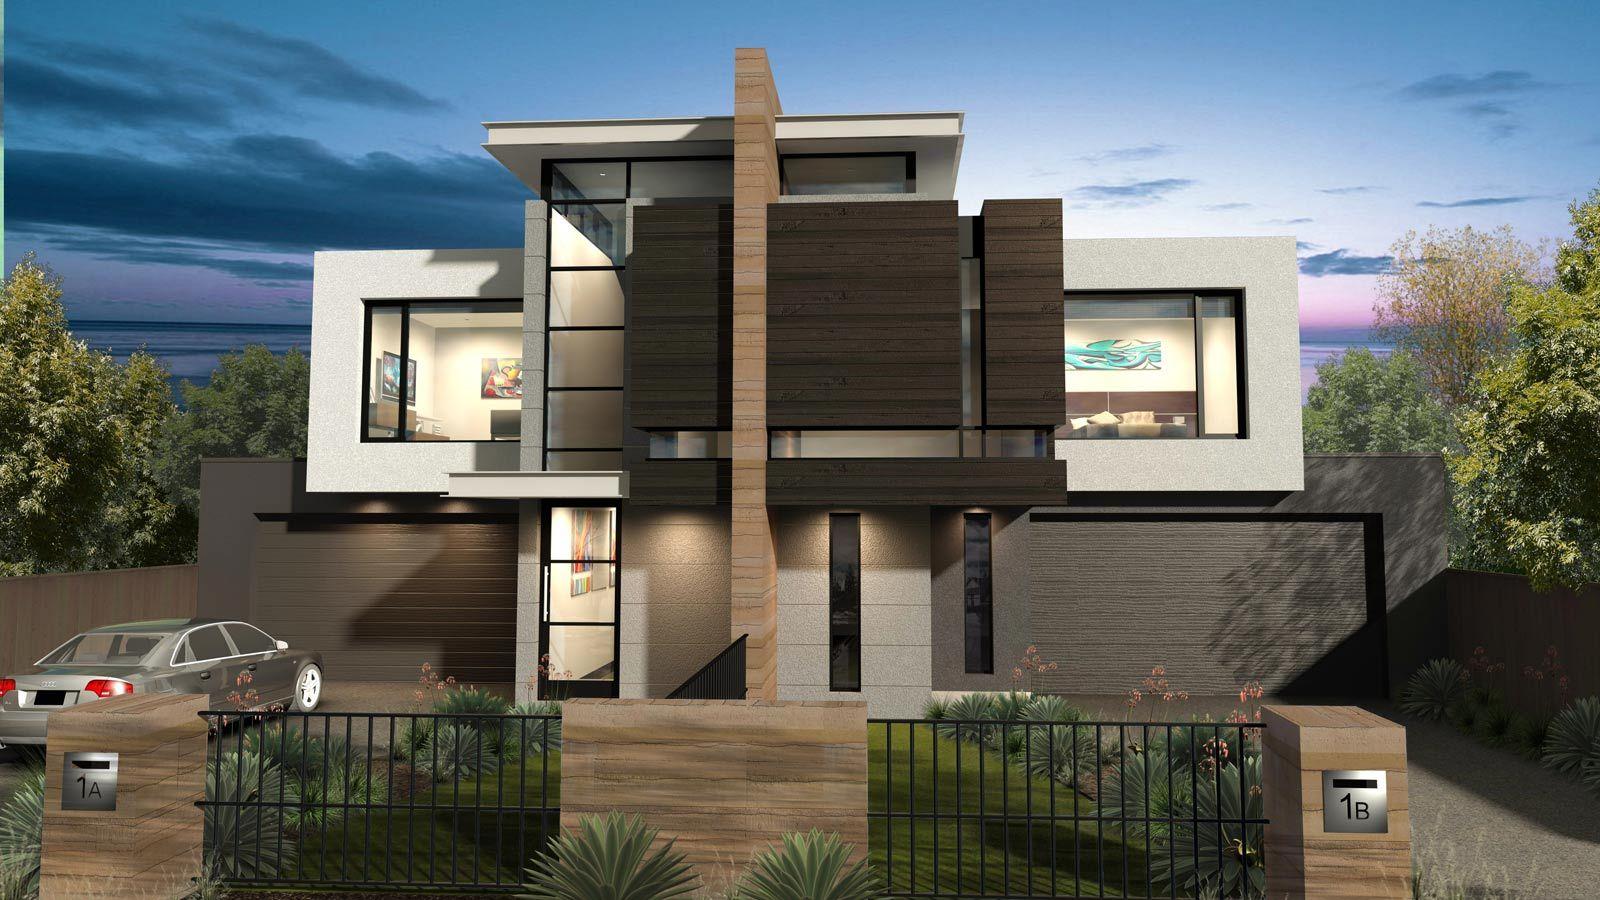 New Duplex Designs